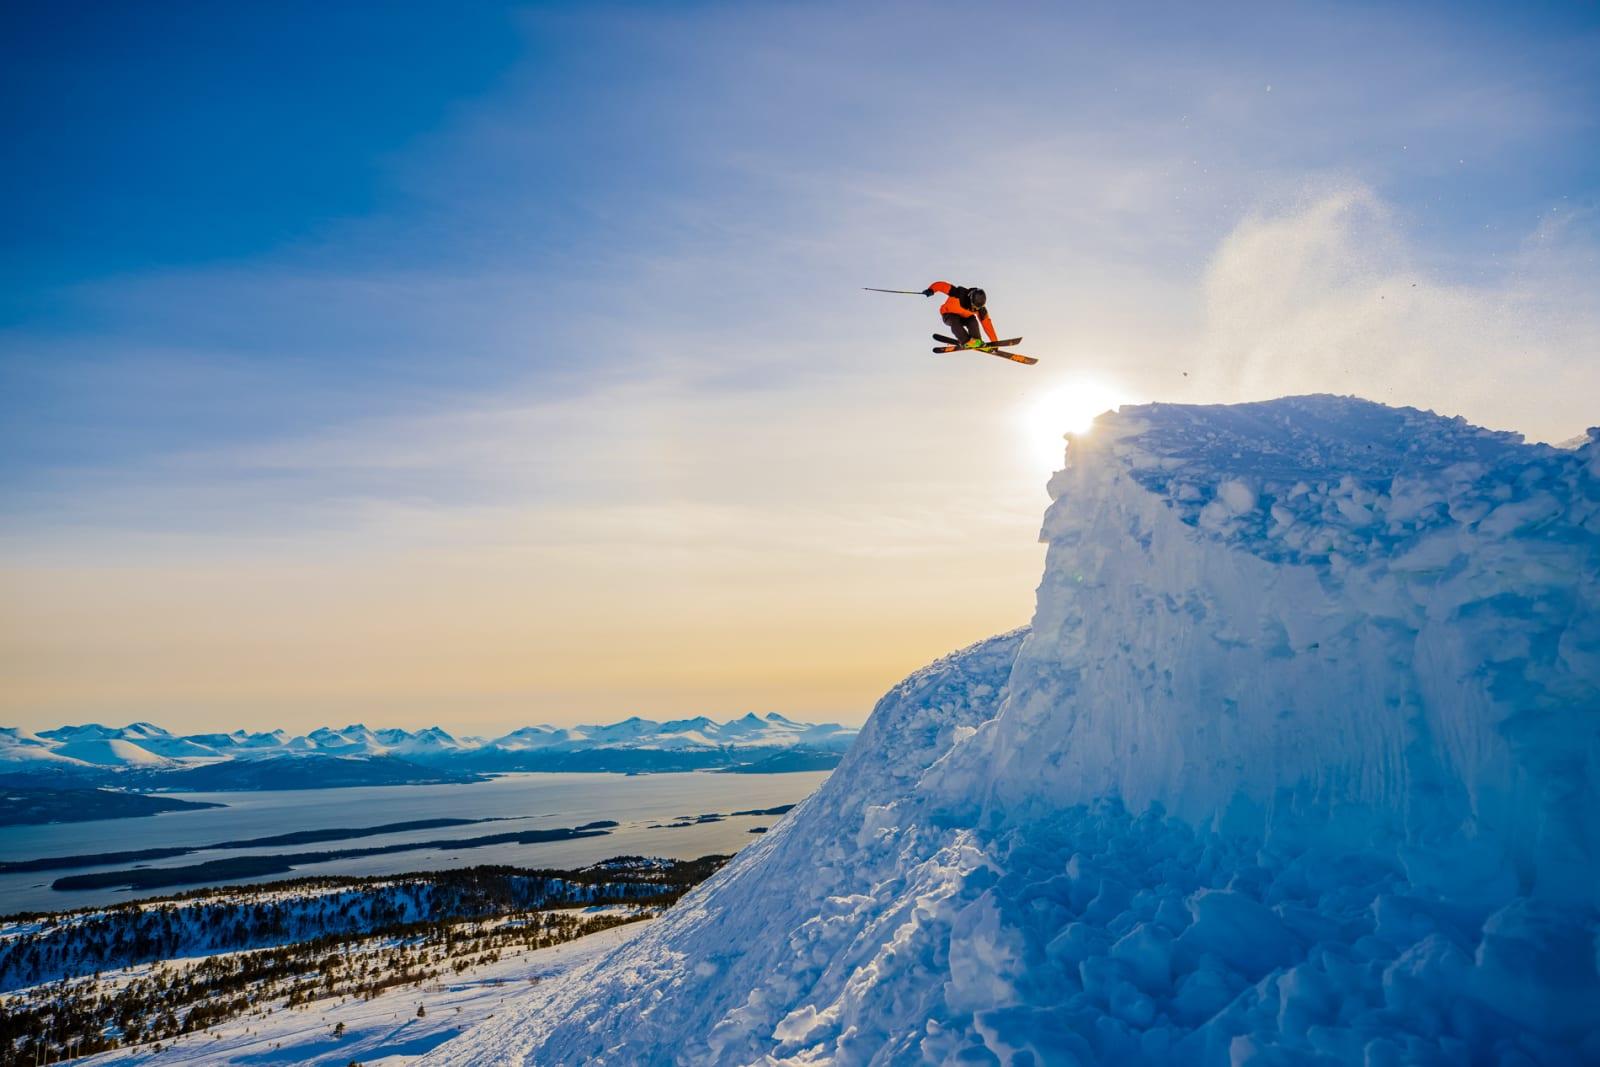 BAKTEPPET: Med de 222 toppene som utgjør Moldepanoramaet i ryggen, roterer Trygg Lindkjølen stilrent inn en 360. Bilde: Terje Aamodt